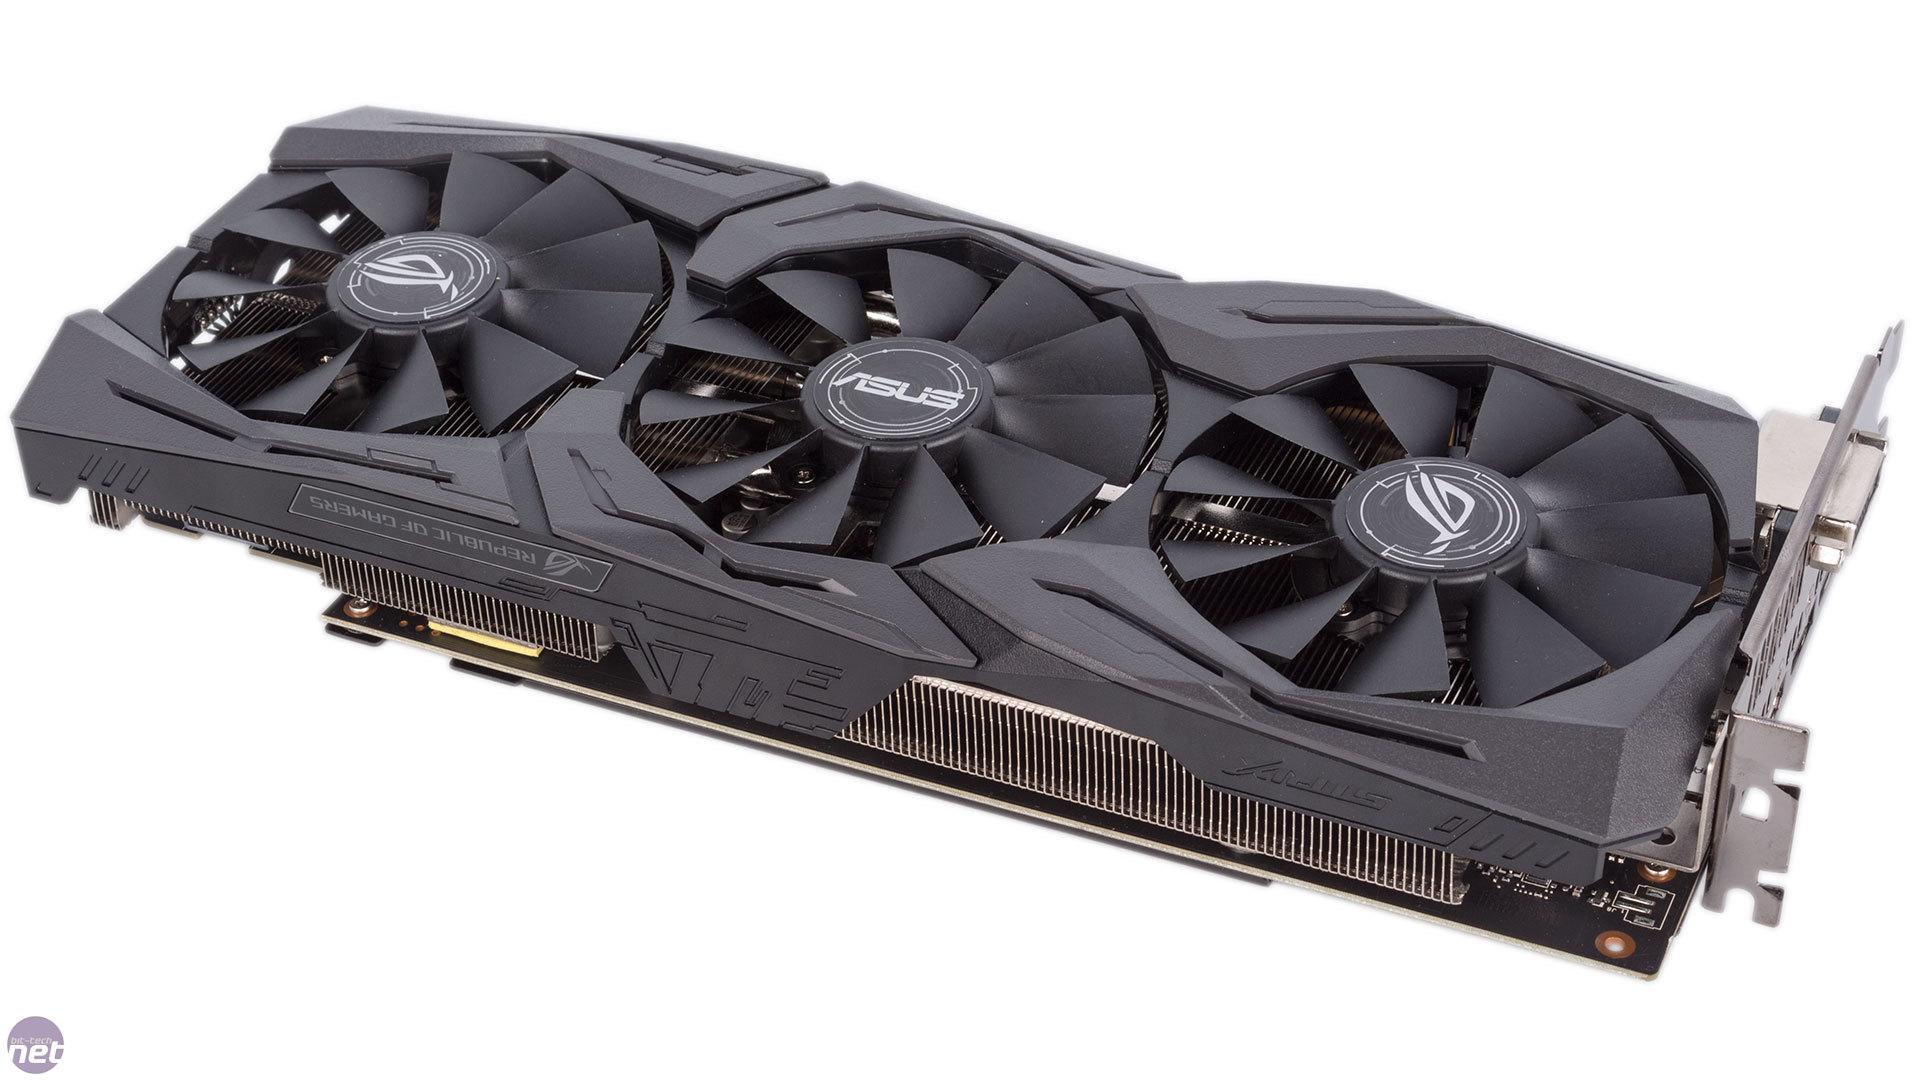 Asus GeForce GTX 1060 Strix OC Review | bit-tech net